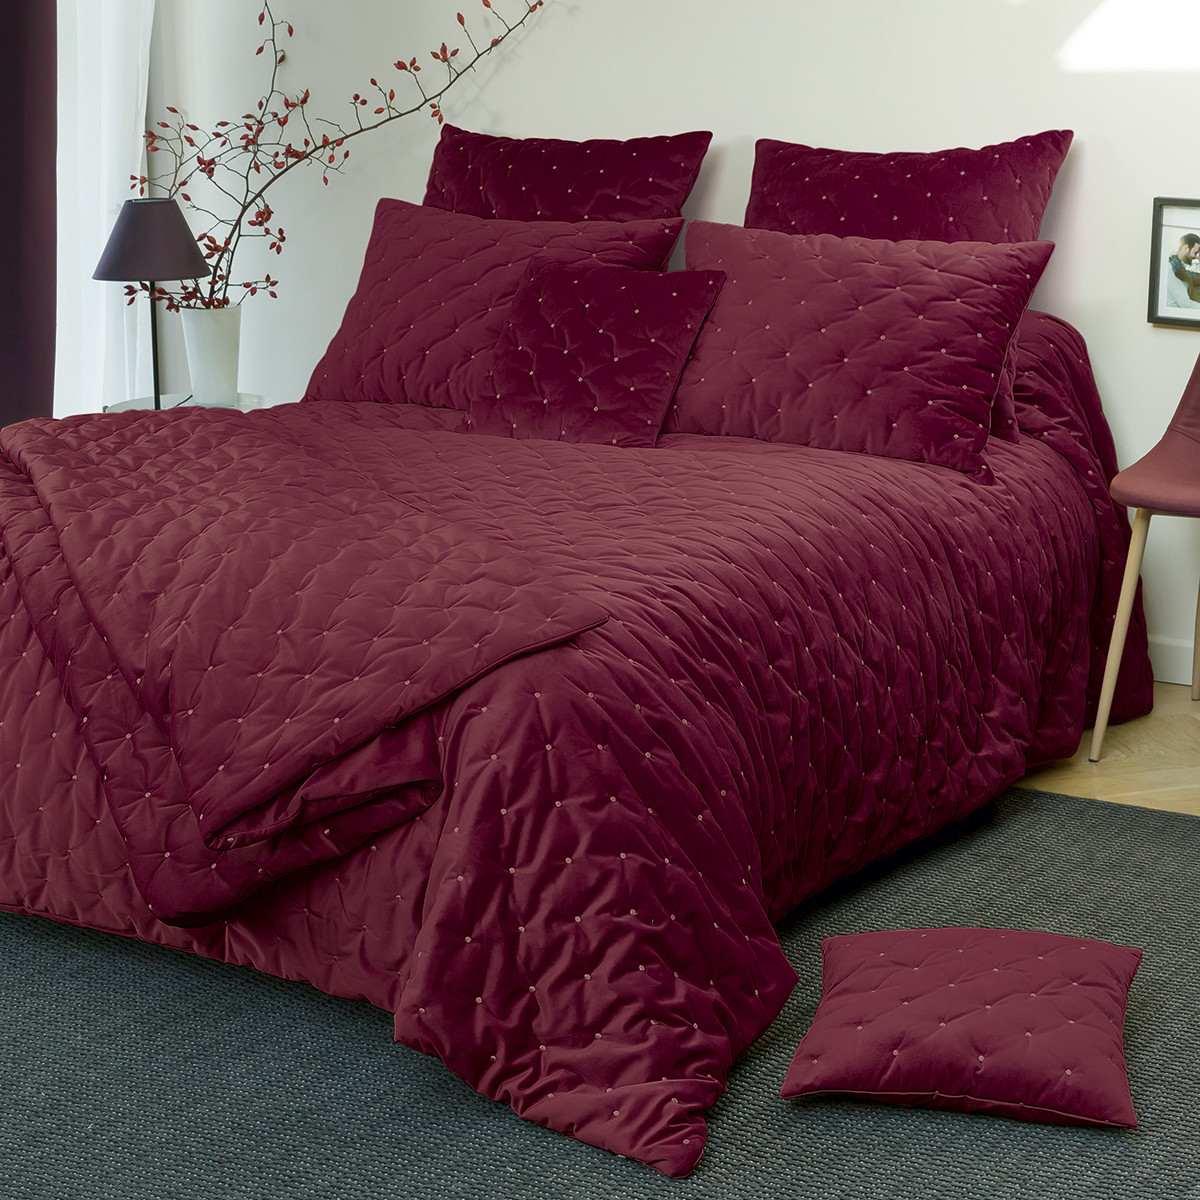 Velvet pillowcase Harmonie